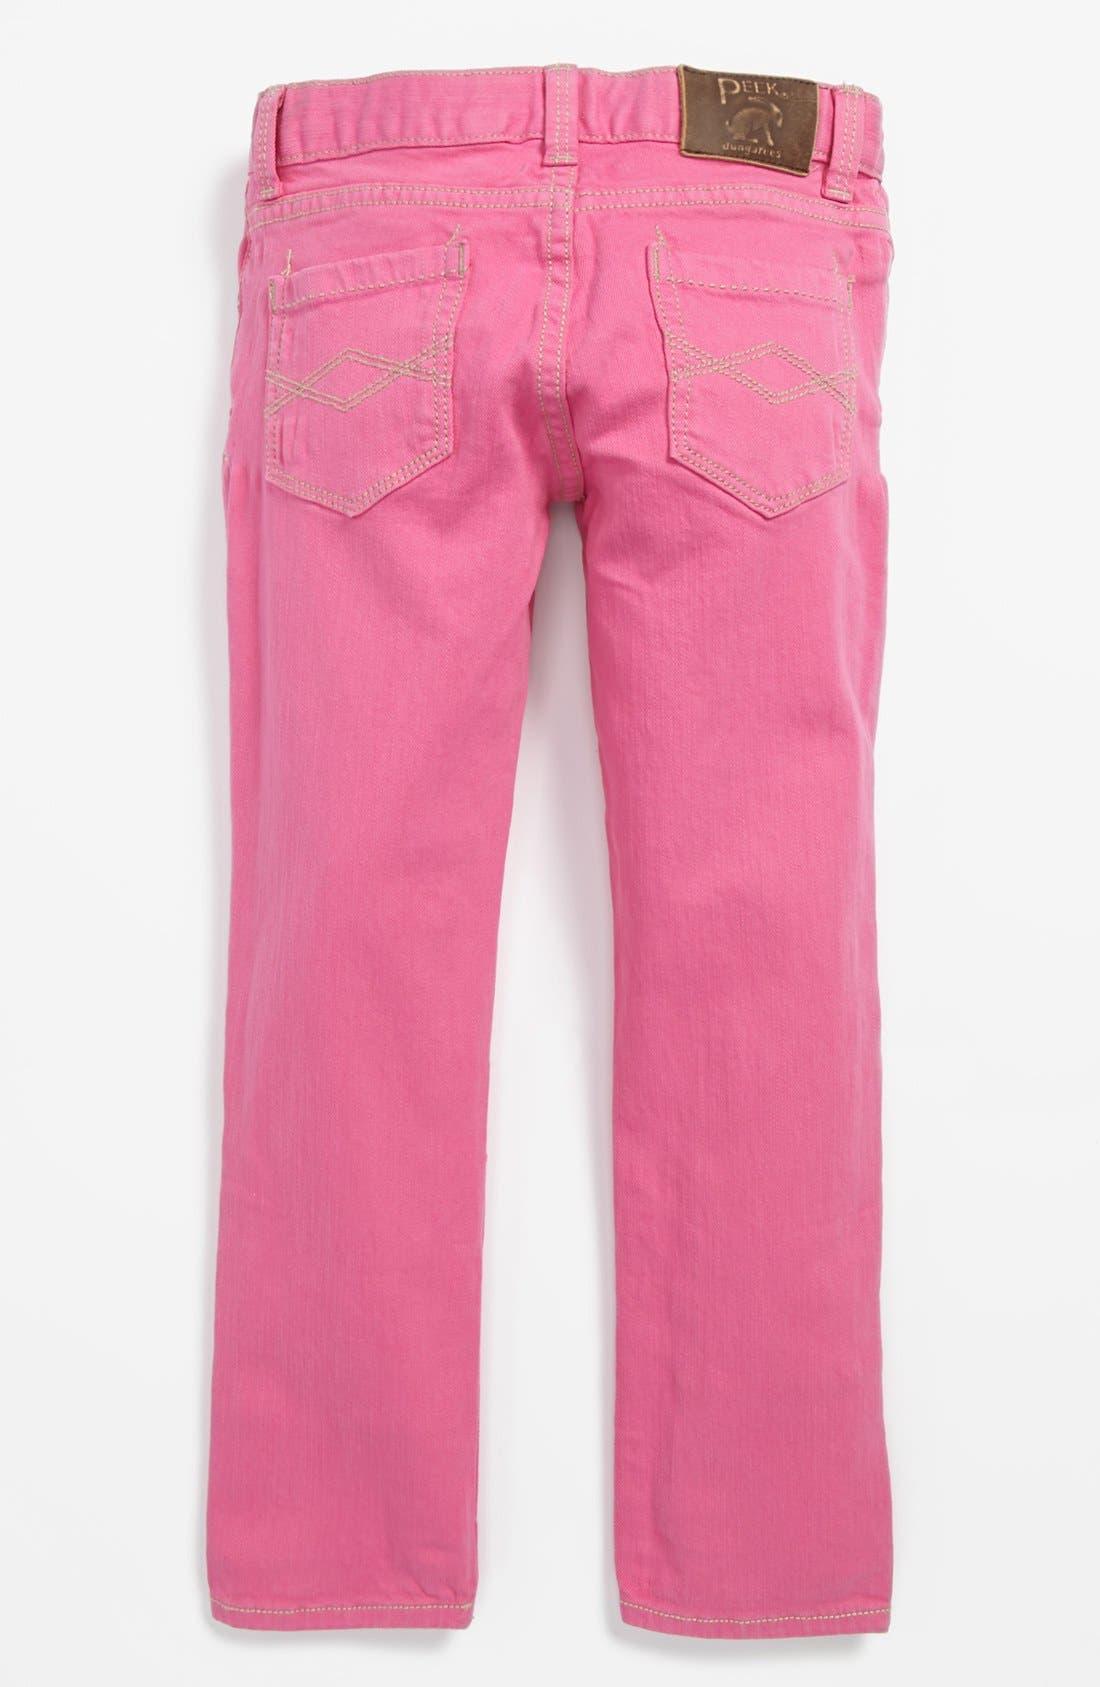 Main Image - Peek 'Dylan' Jeans (Toddler Girls, Little Girls & Big Girls)